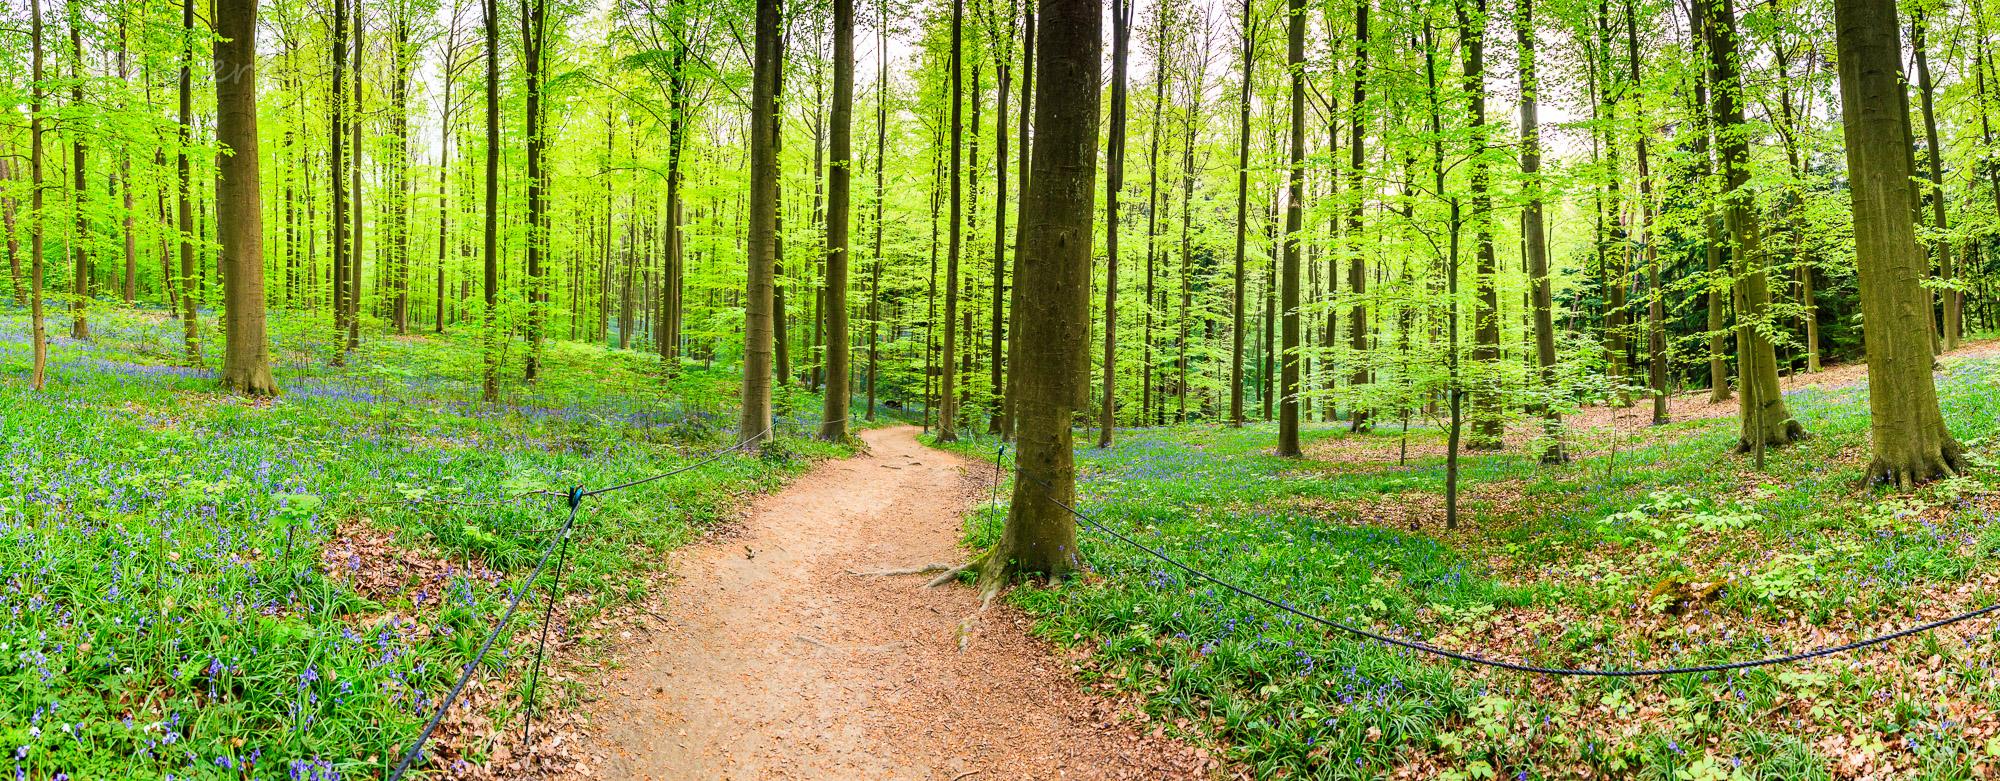 Hallerbos-Waldweg